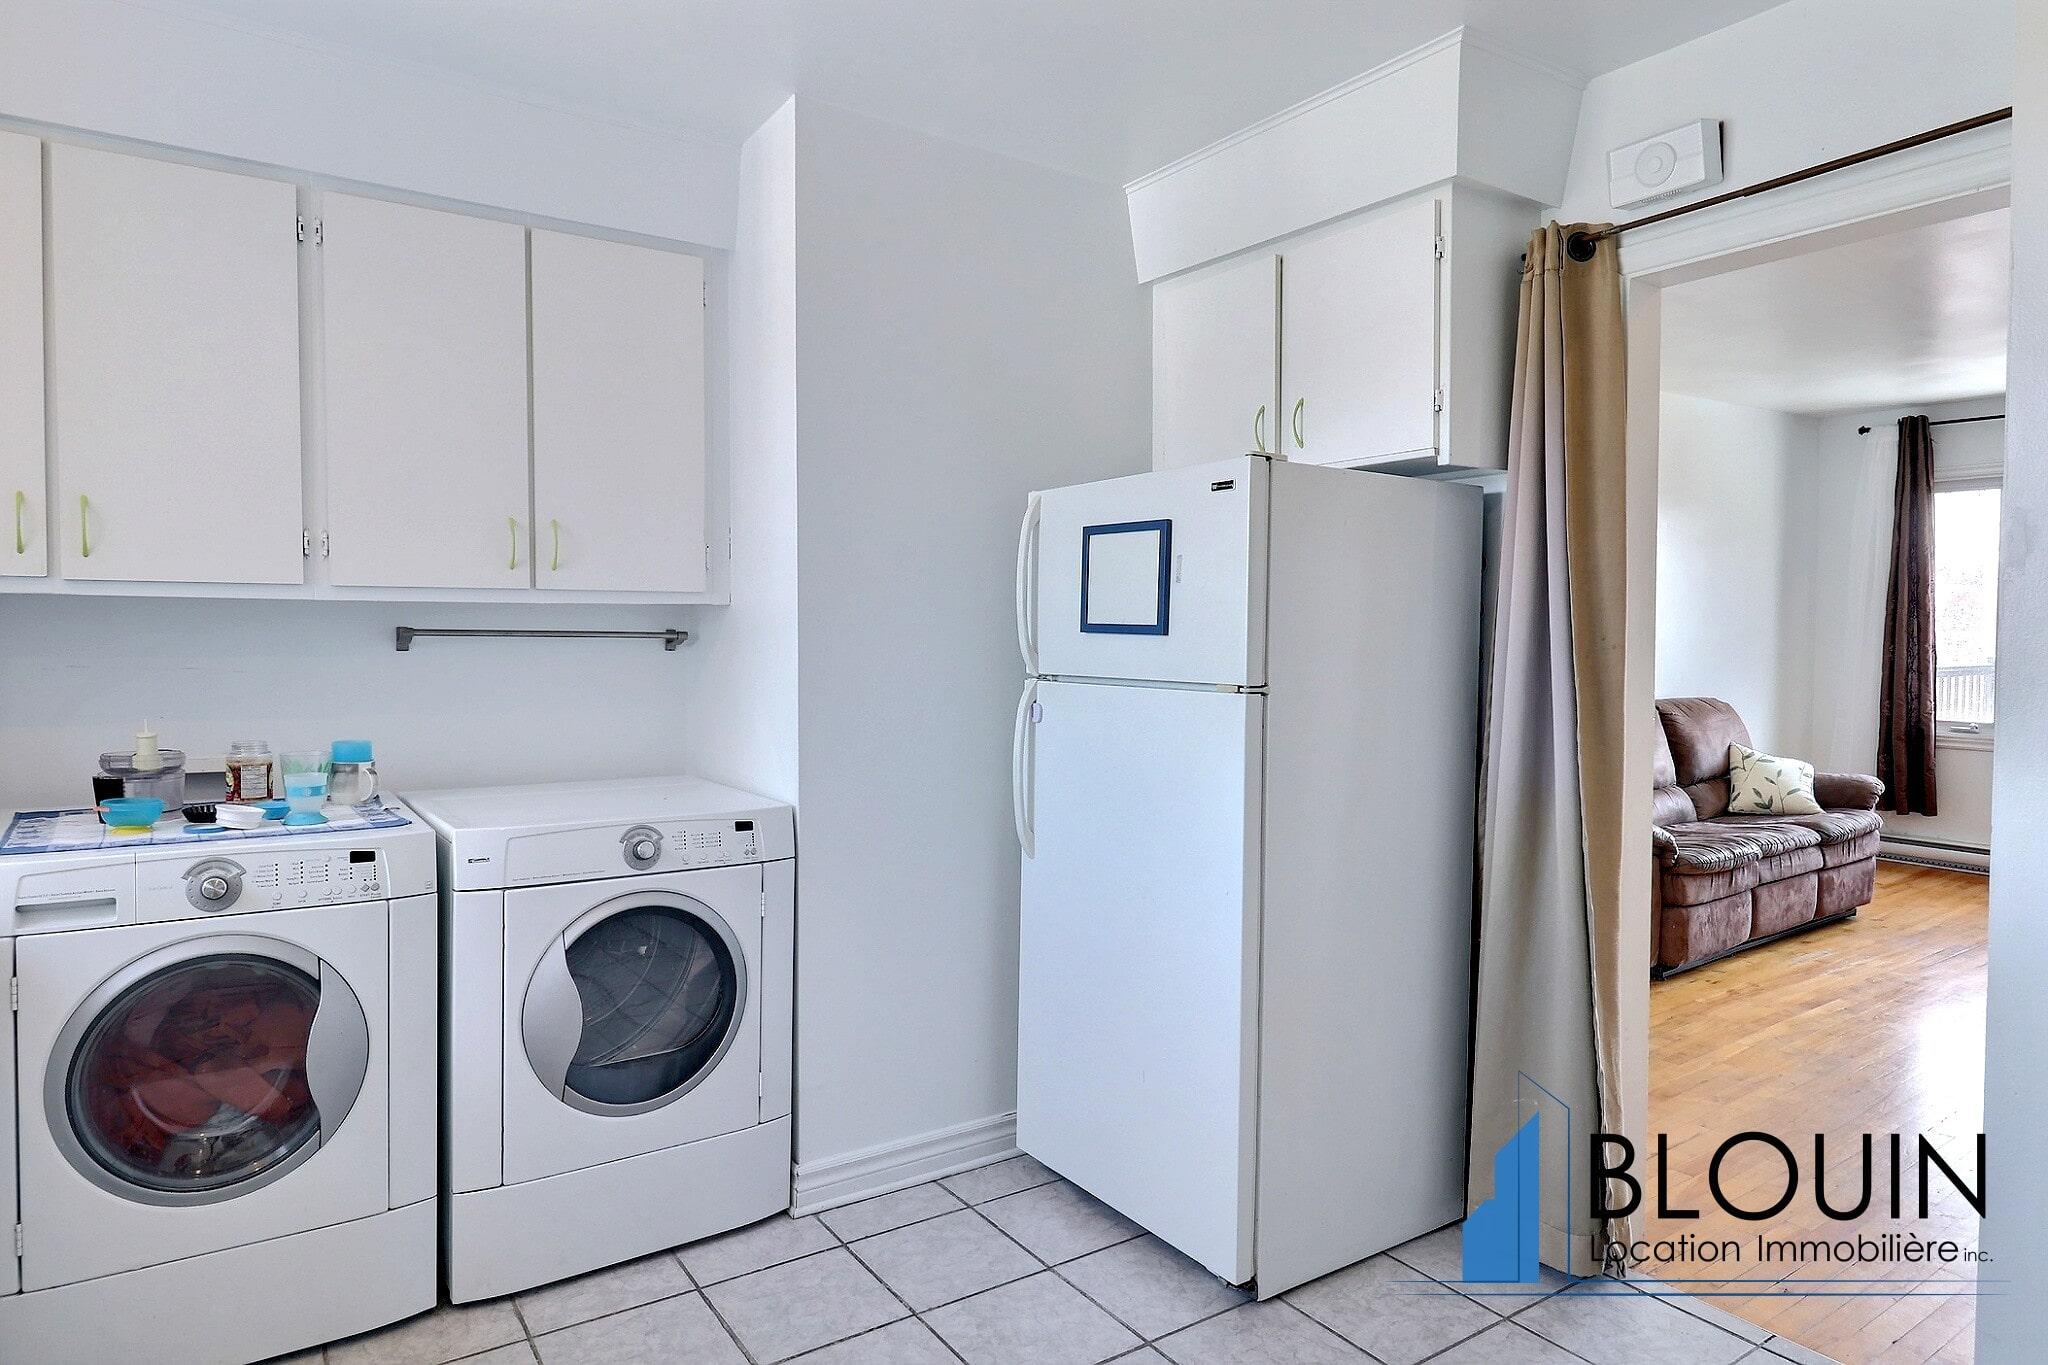 Photo 5 : 4 ½ à Beauport, libre pour Juillet, Dernier étage avec Stationnement